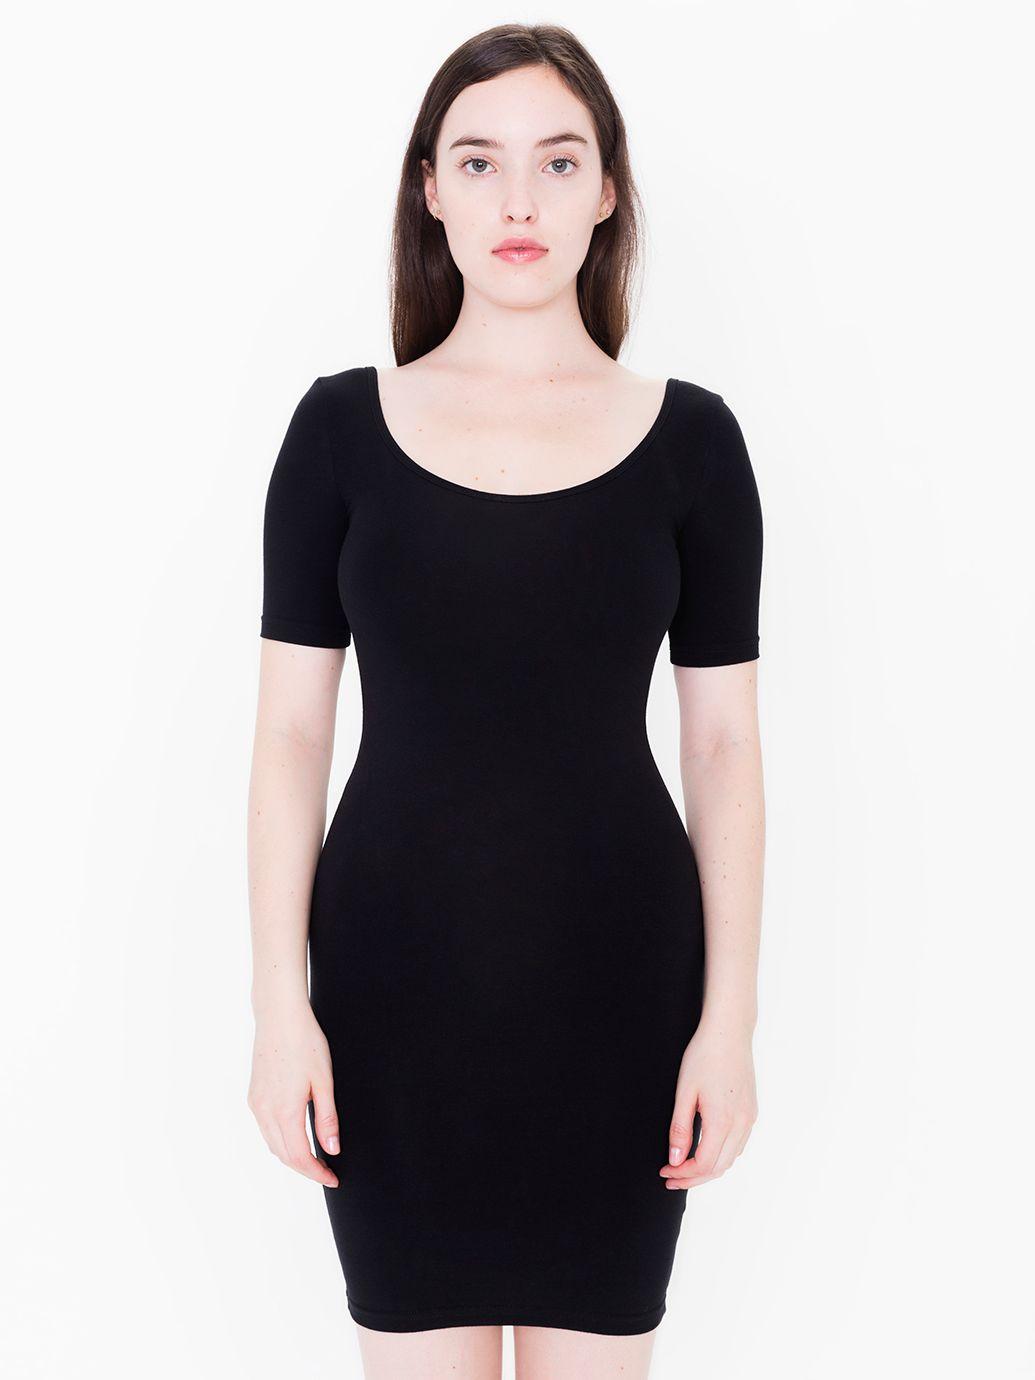 Black Spandex Dress 39SDXFbr